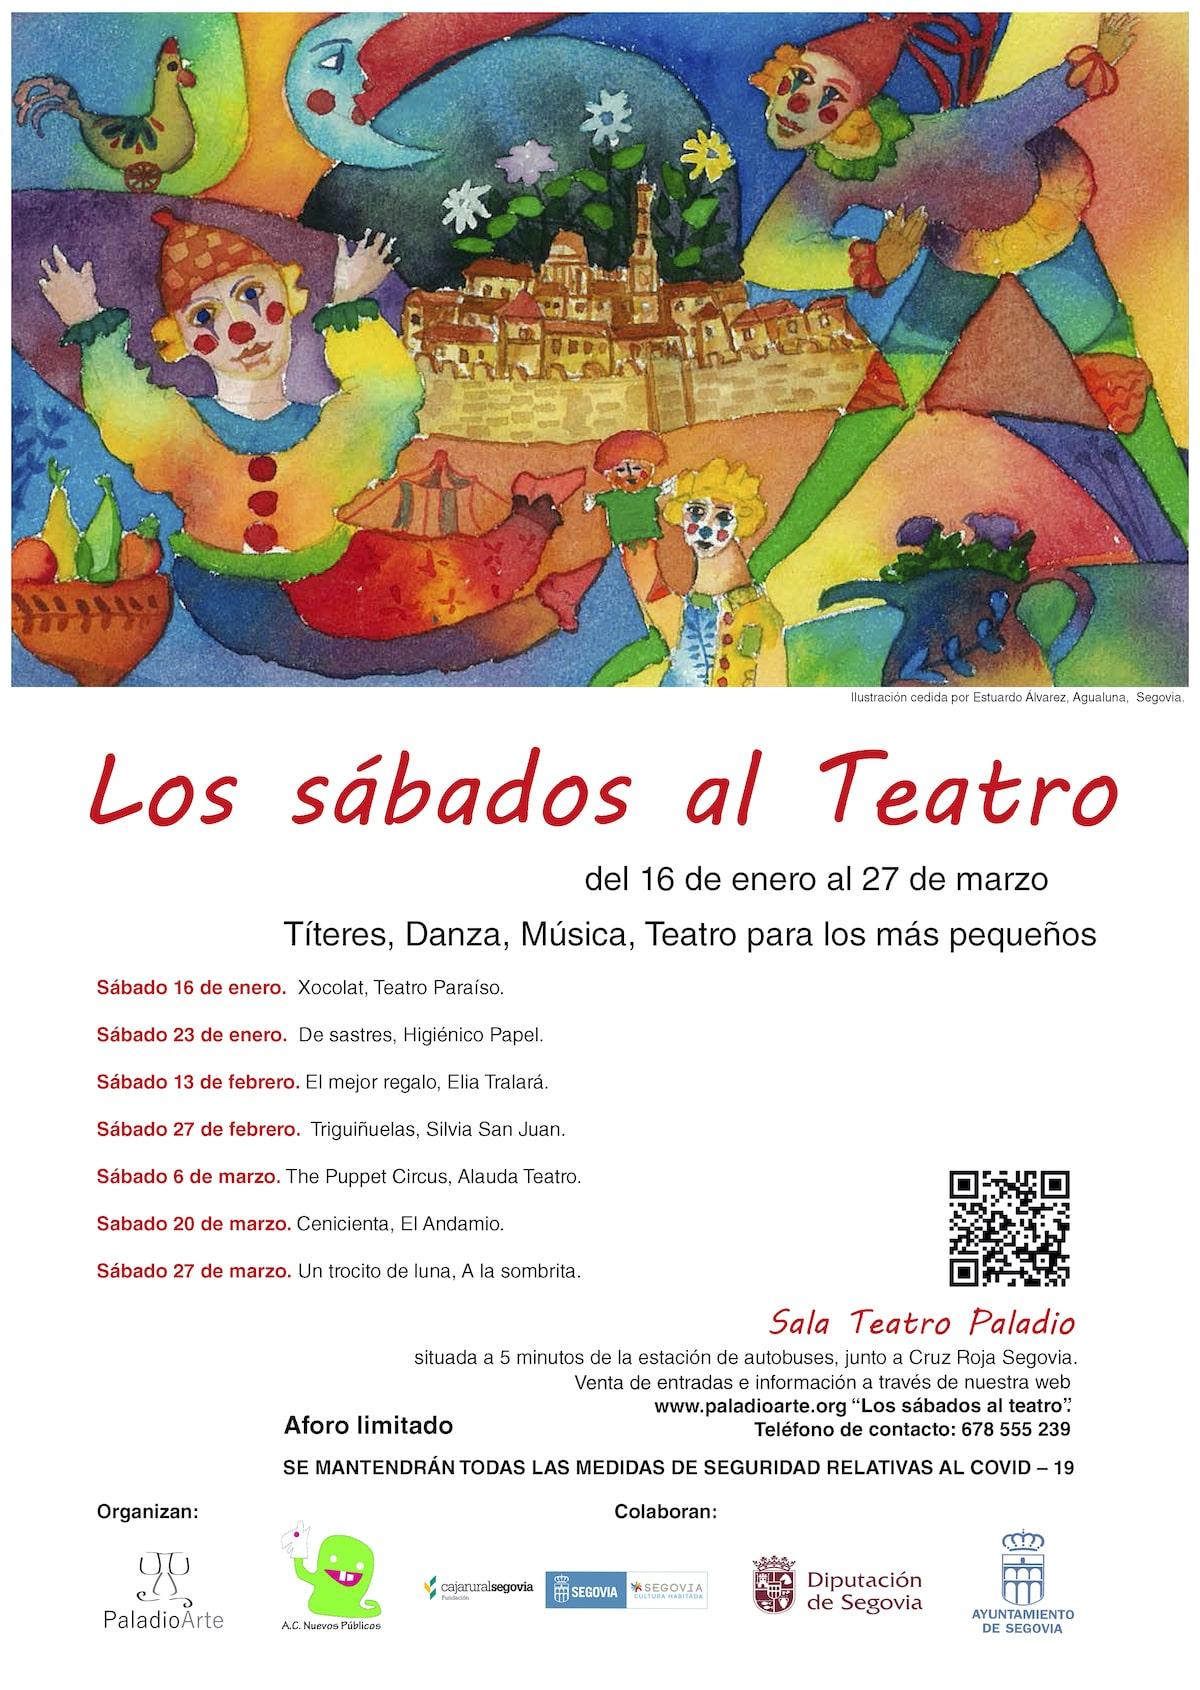 Los_Satados_al_Teatro-min.jpg